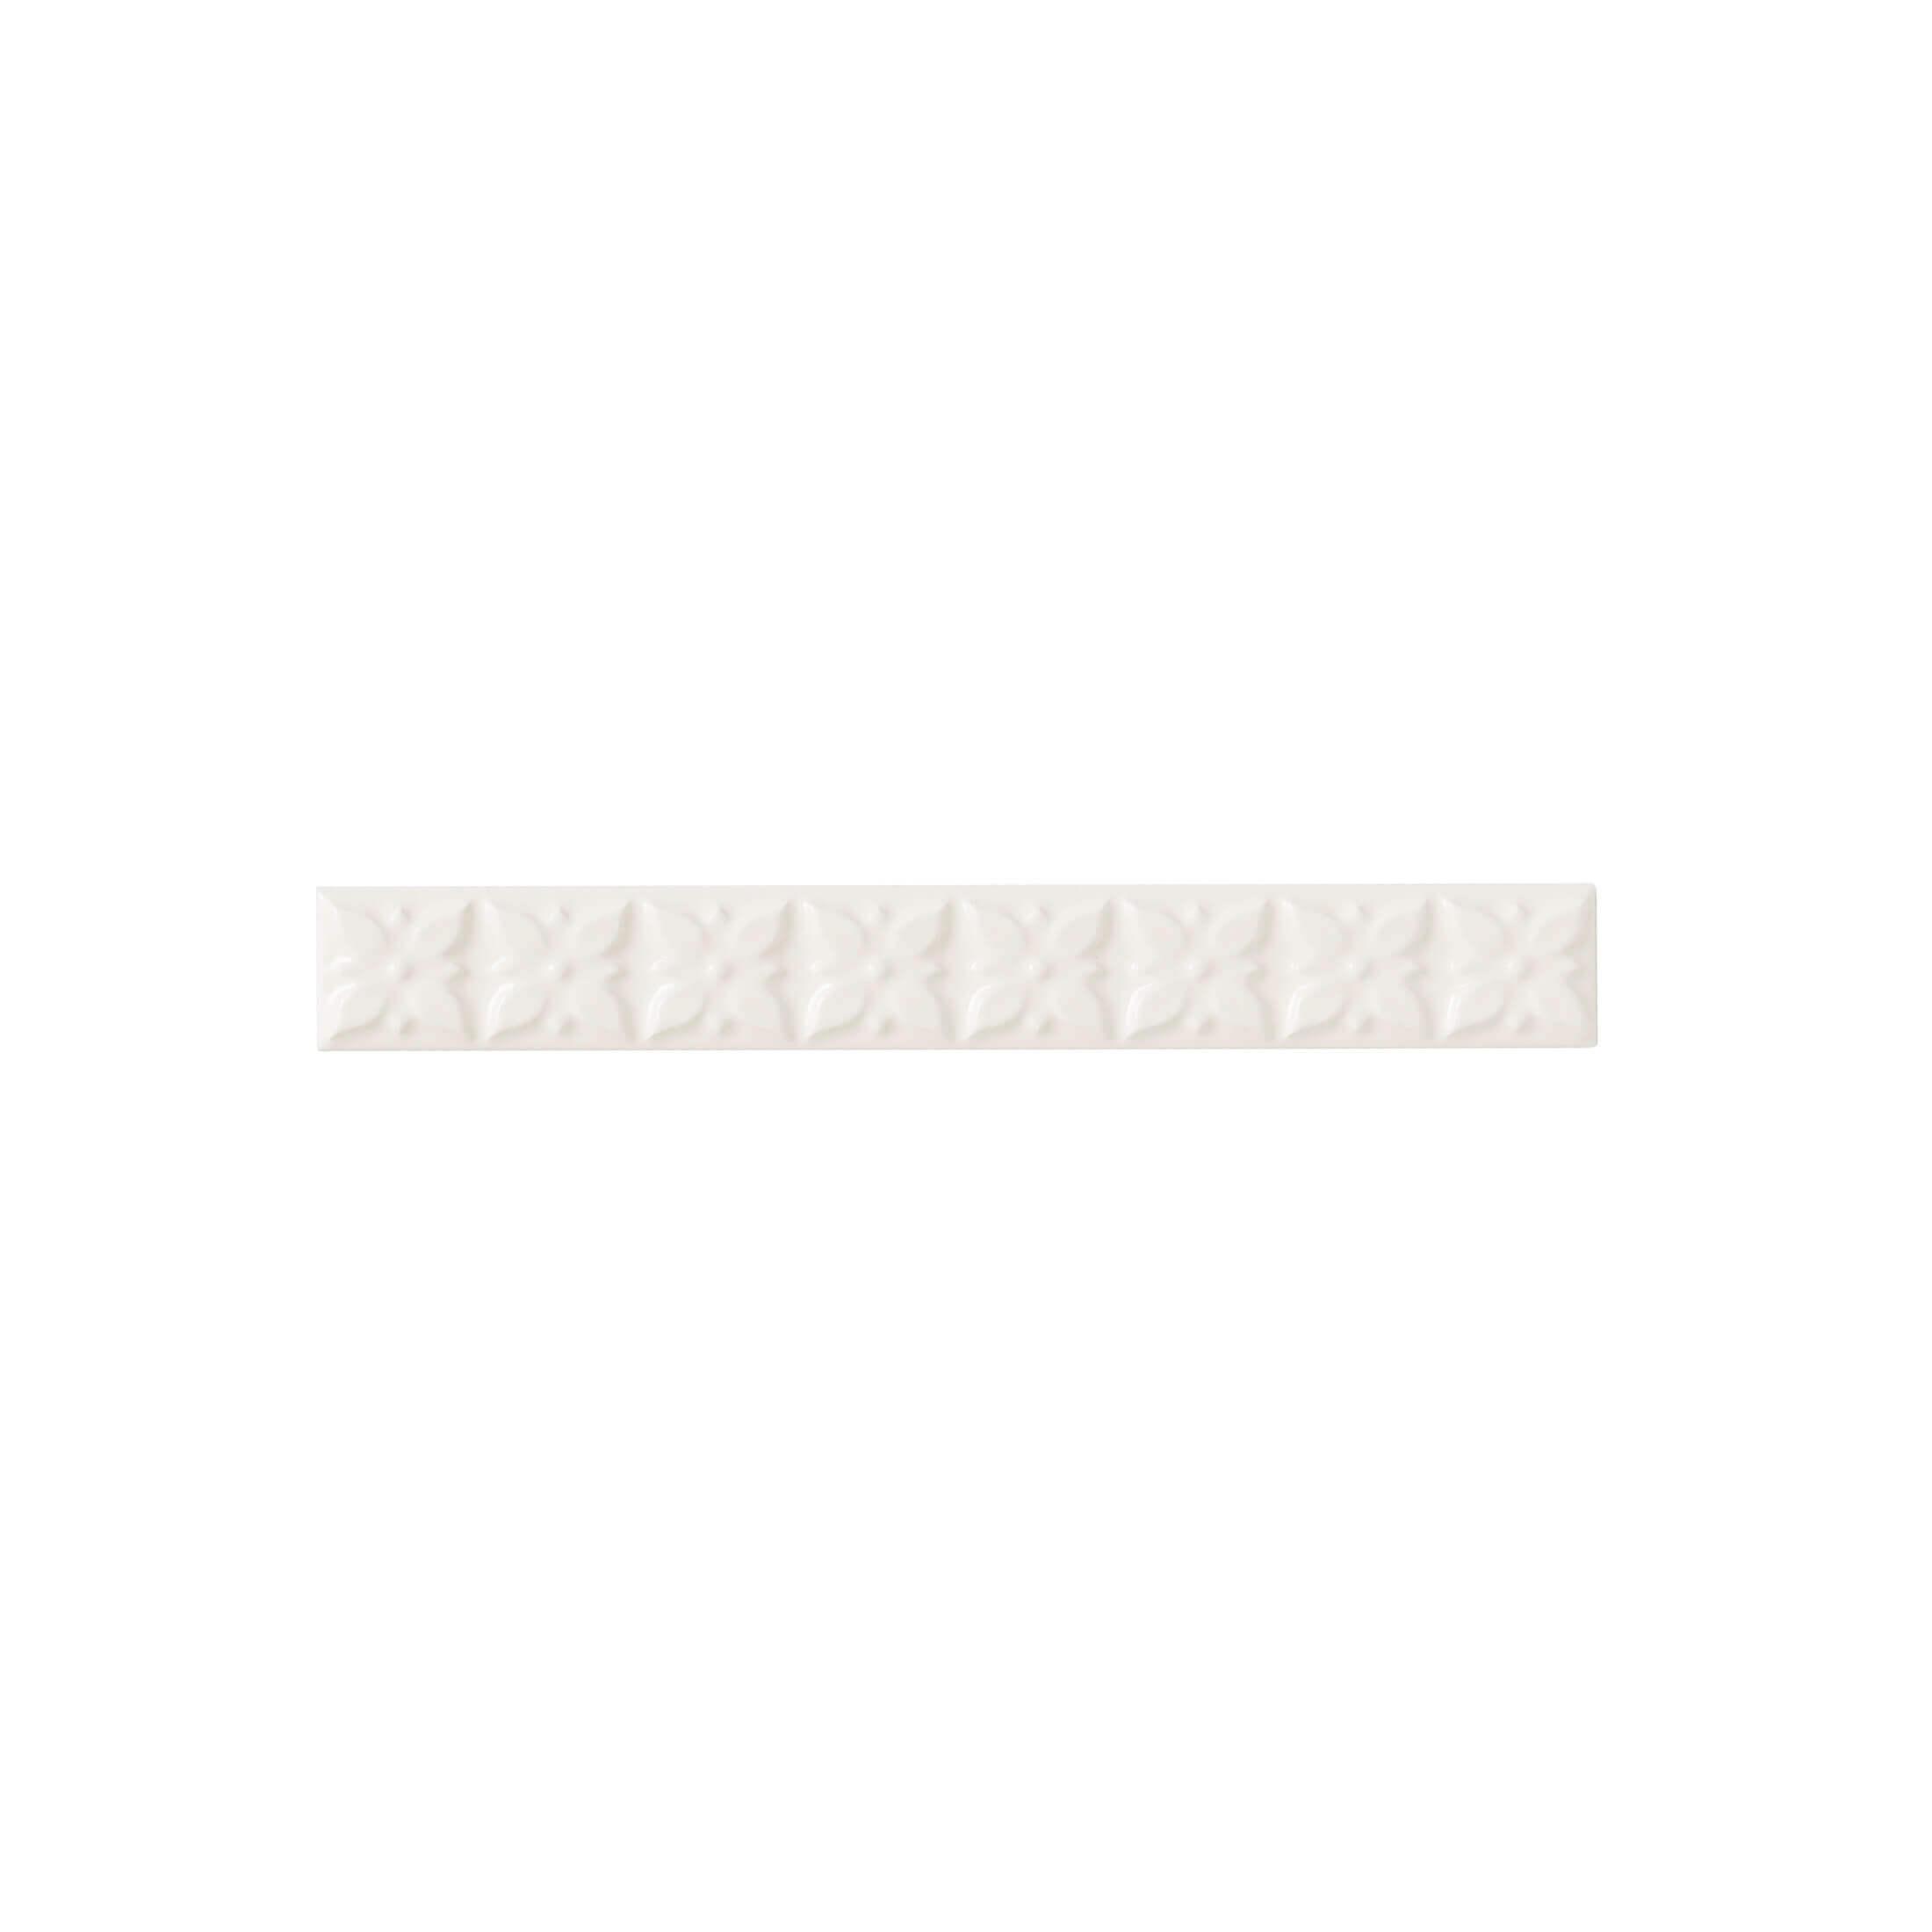 ADST4020 - RELIEVE PONCIANA - 3 cm X 19.8 cm